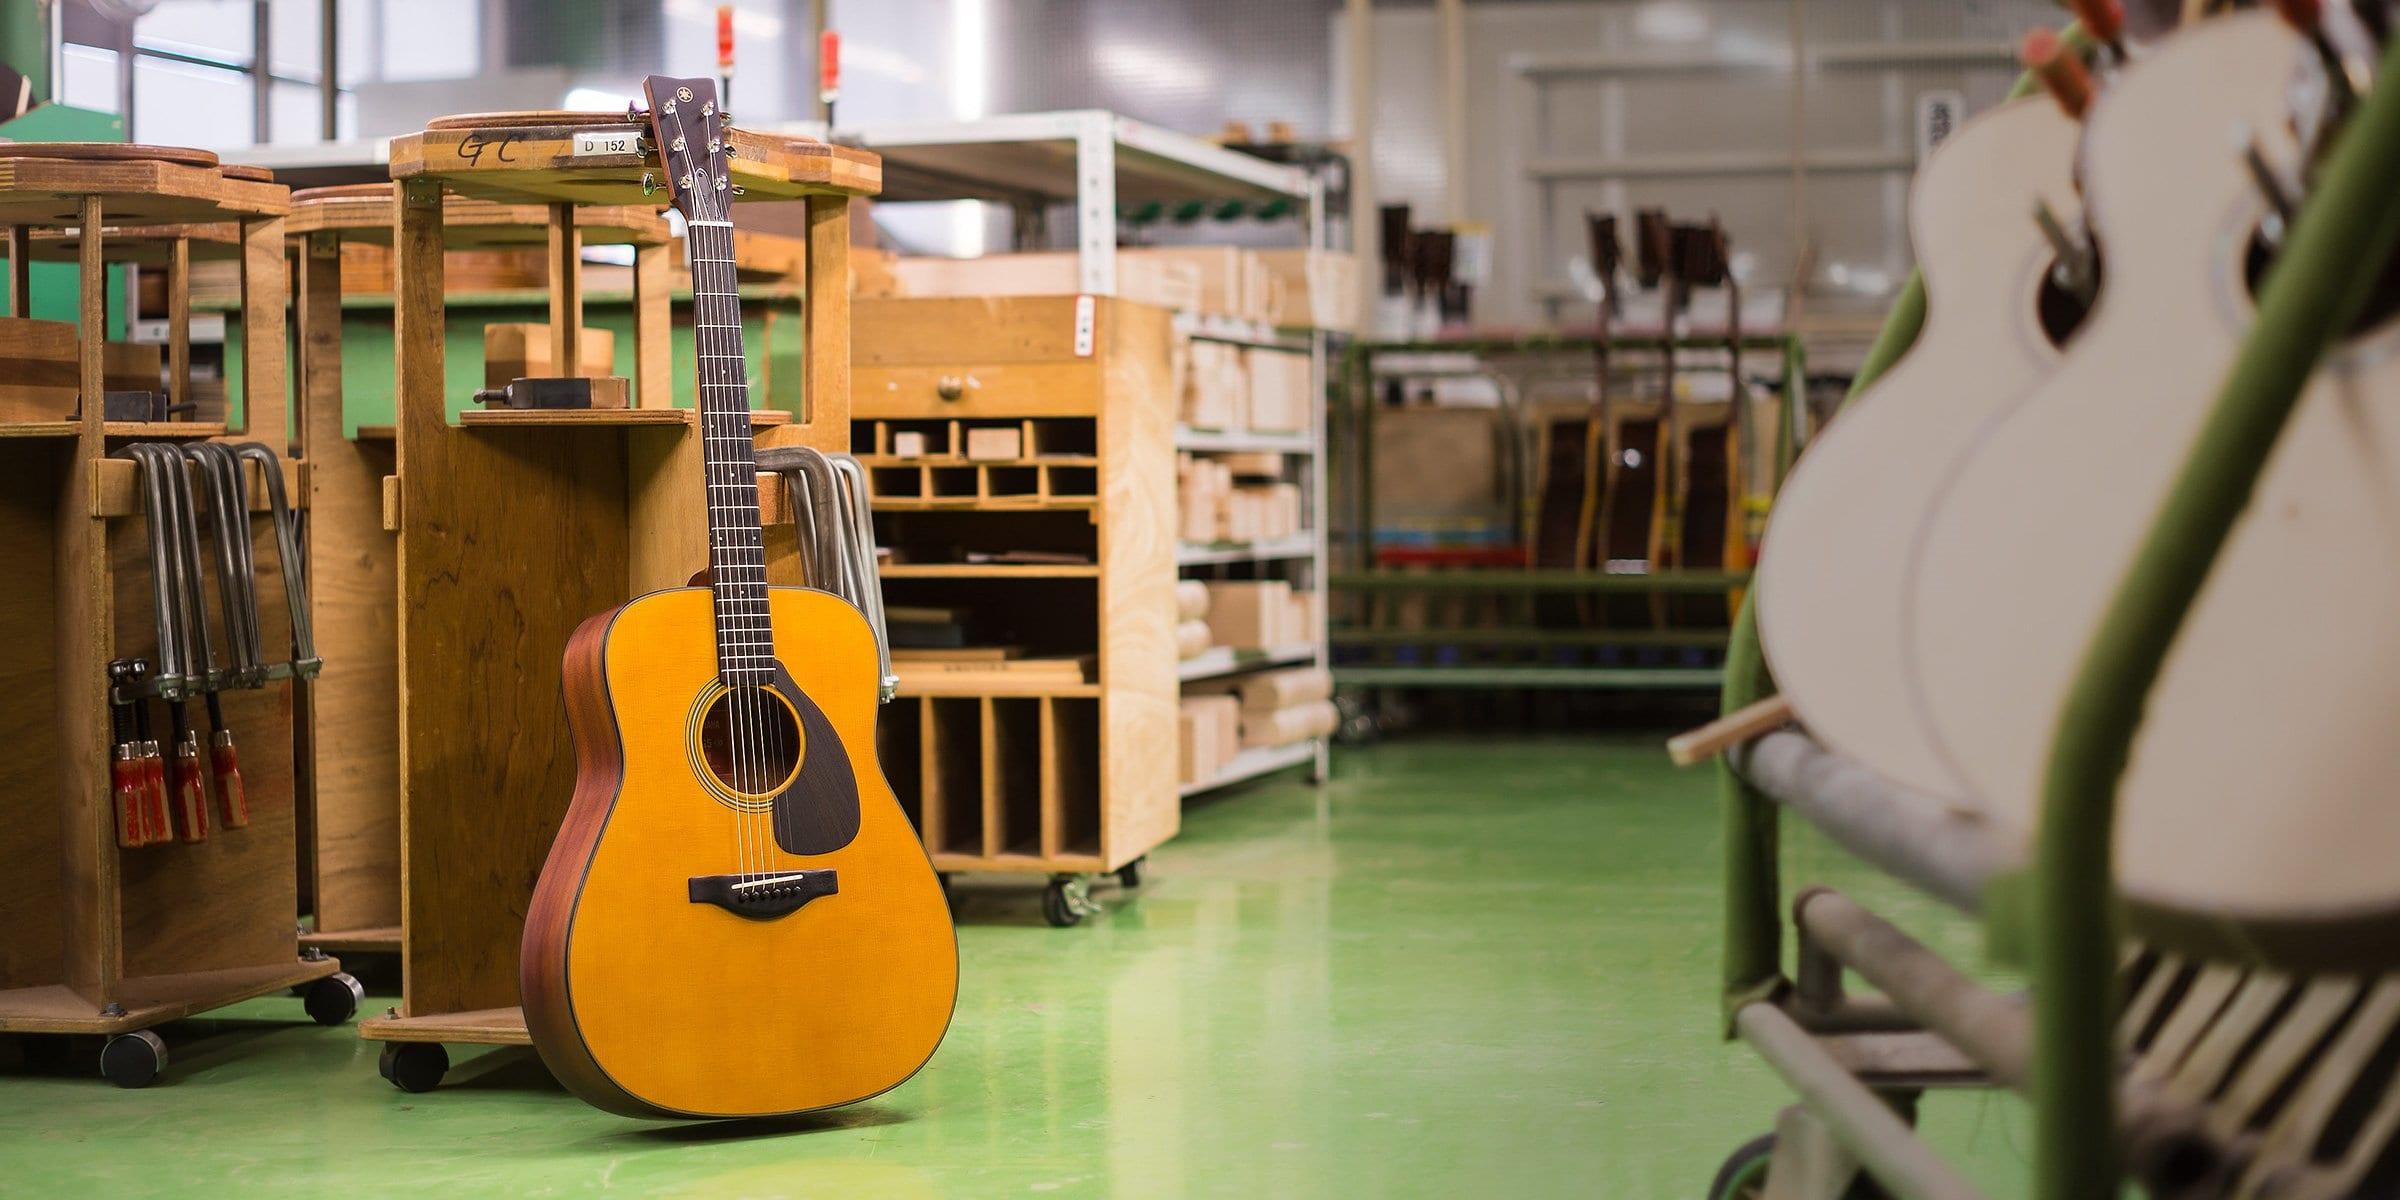 北京正品雅马哈吉他哪里便宜_吉他配件相关-河南欧乐乐器批发有限公司